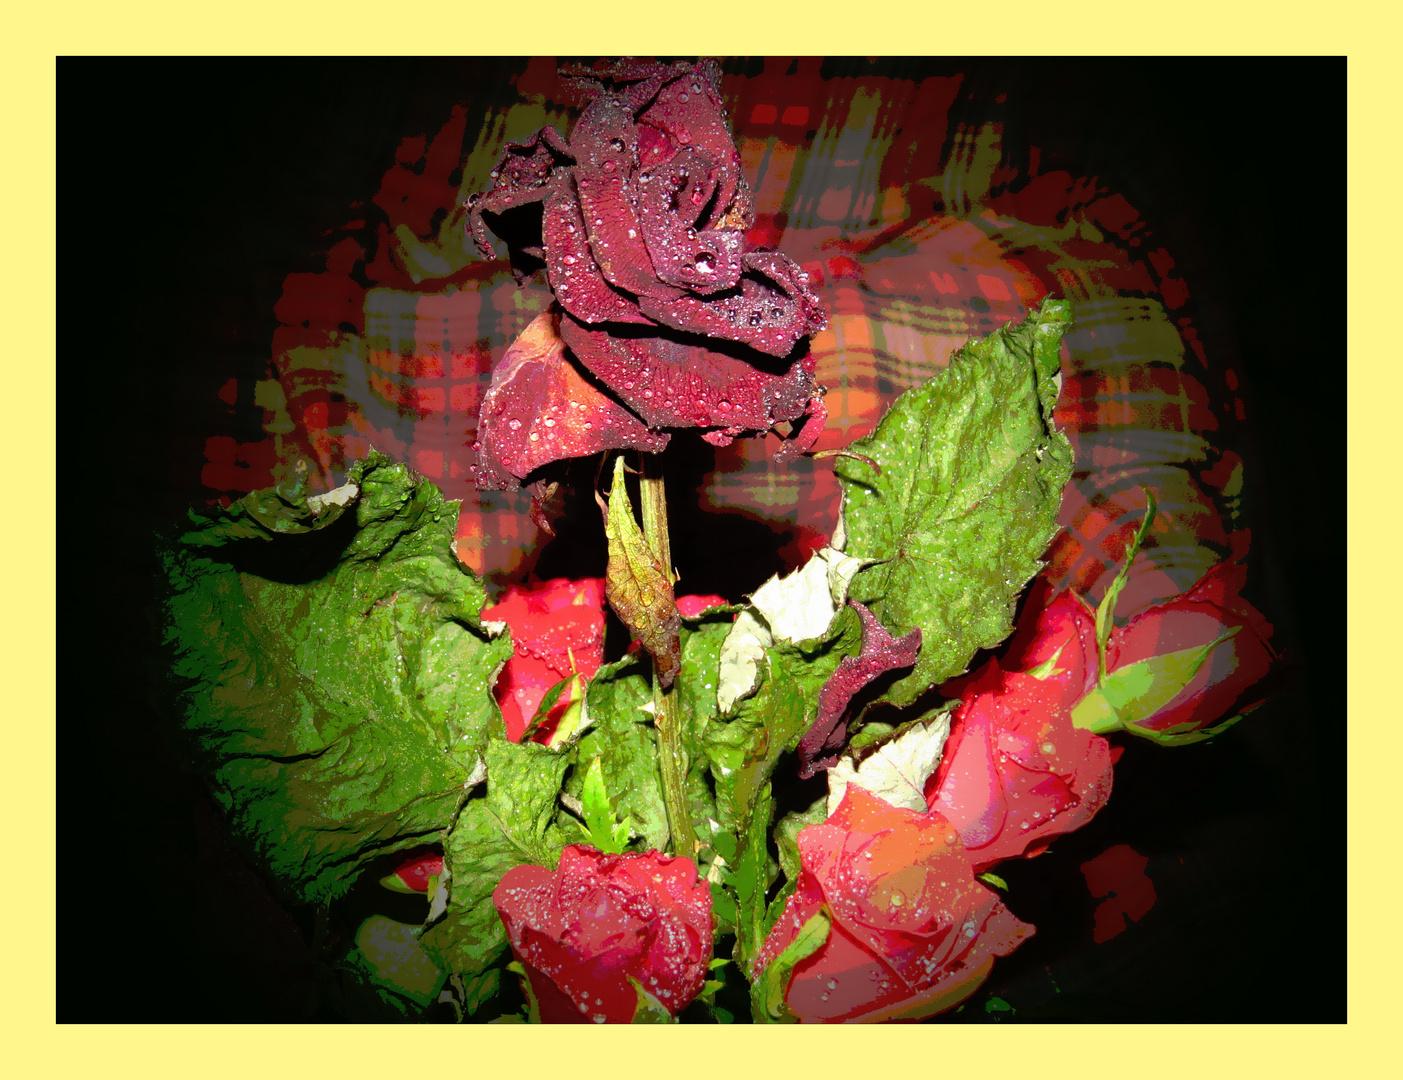 kleine Moosrosen - geben alter Rose noch ein wenig Kraft